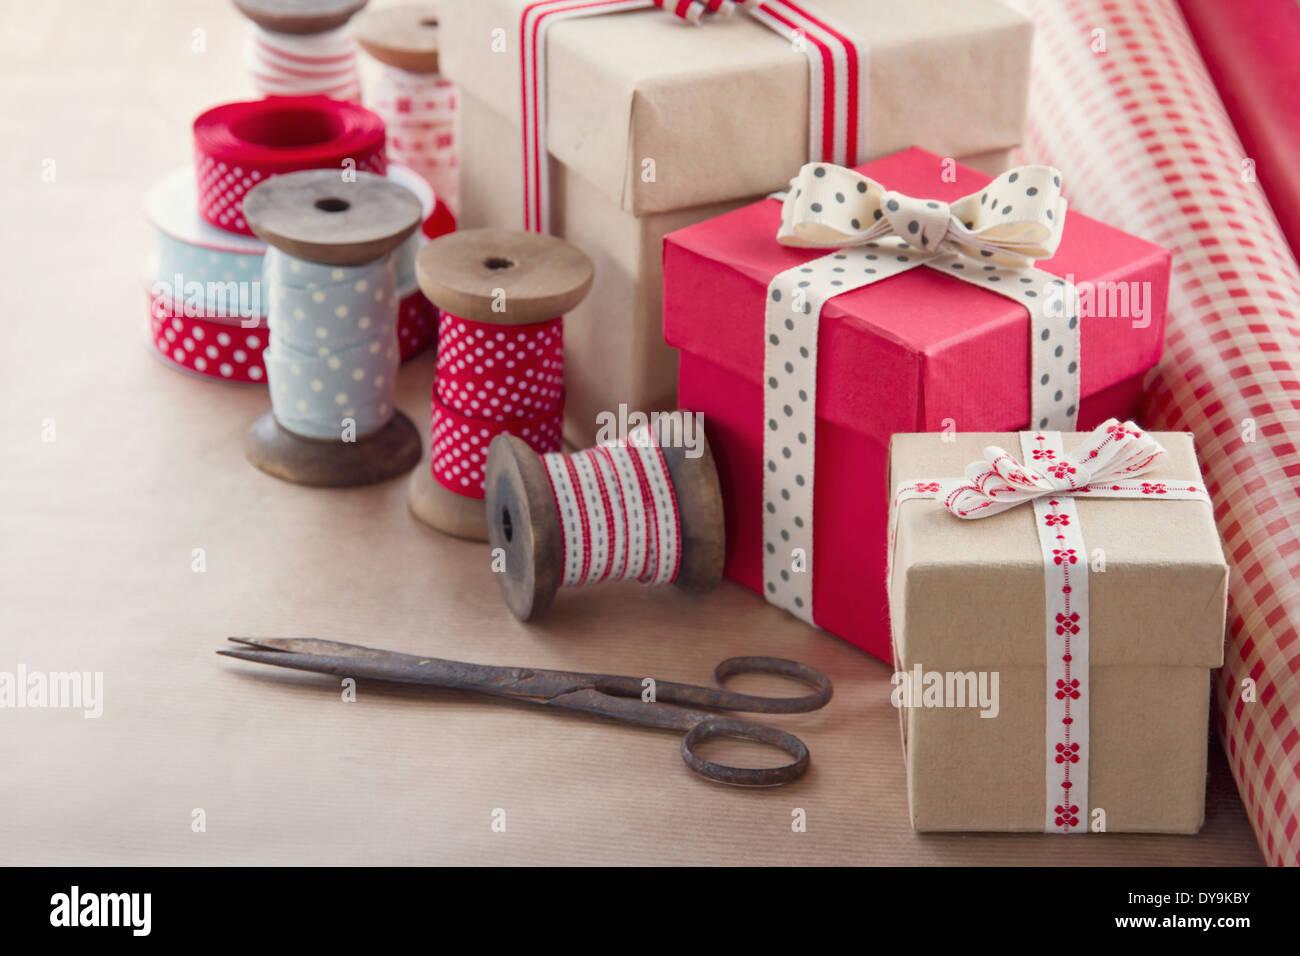 Weihnachten vorhanden Verpackung Hintergrund, Holz Vintage Bänder ...